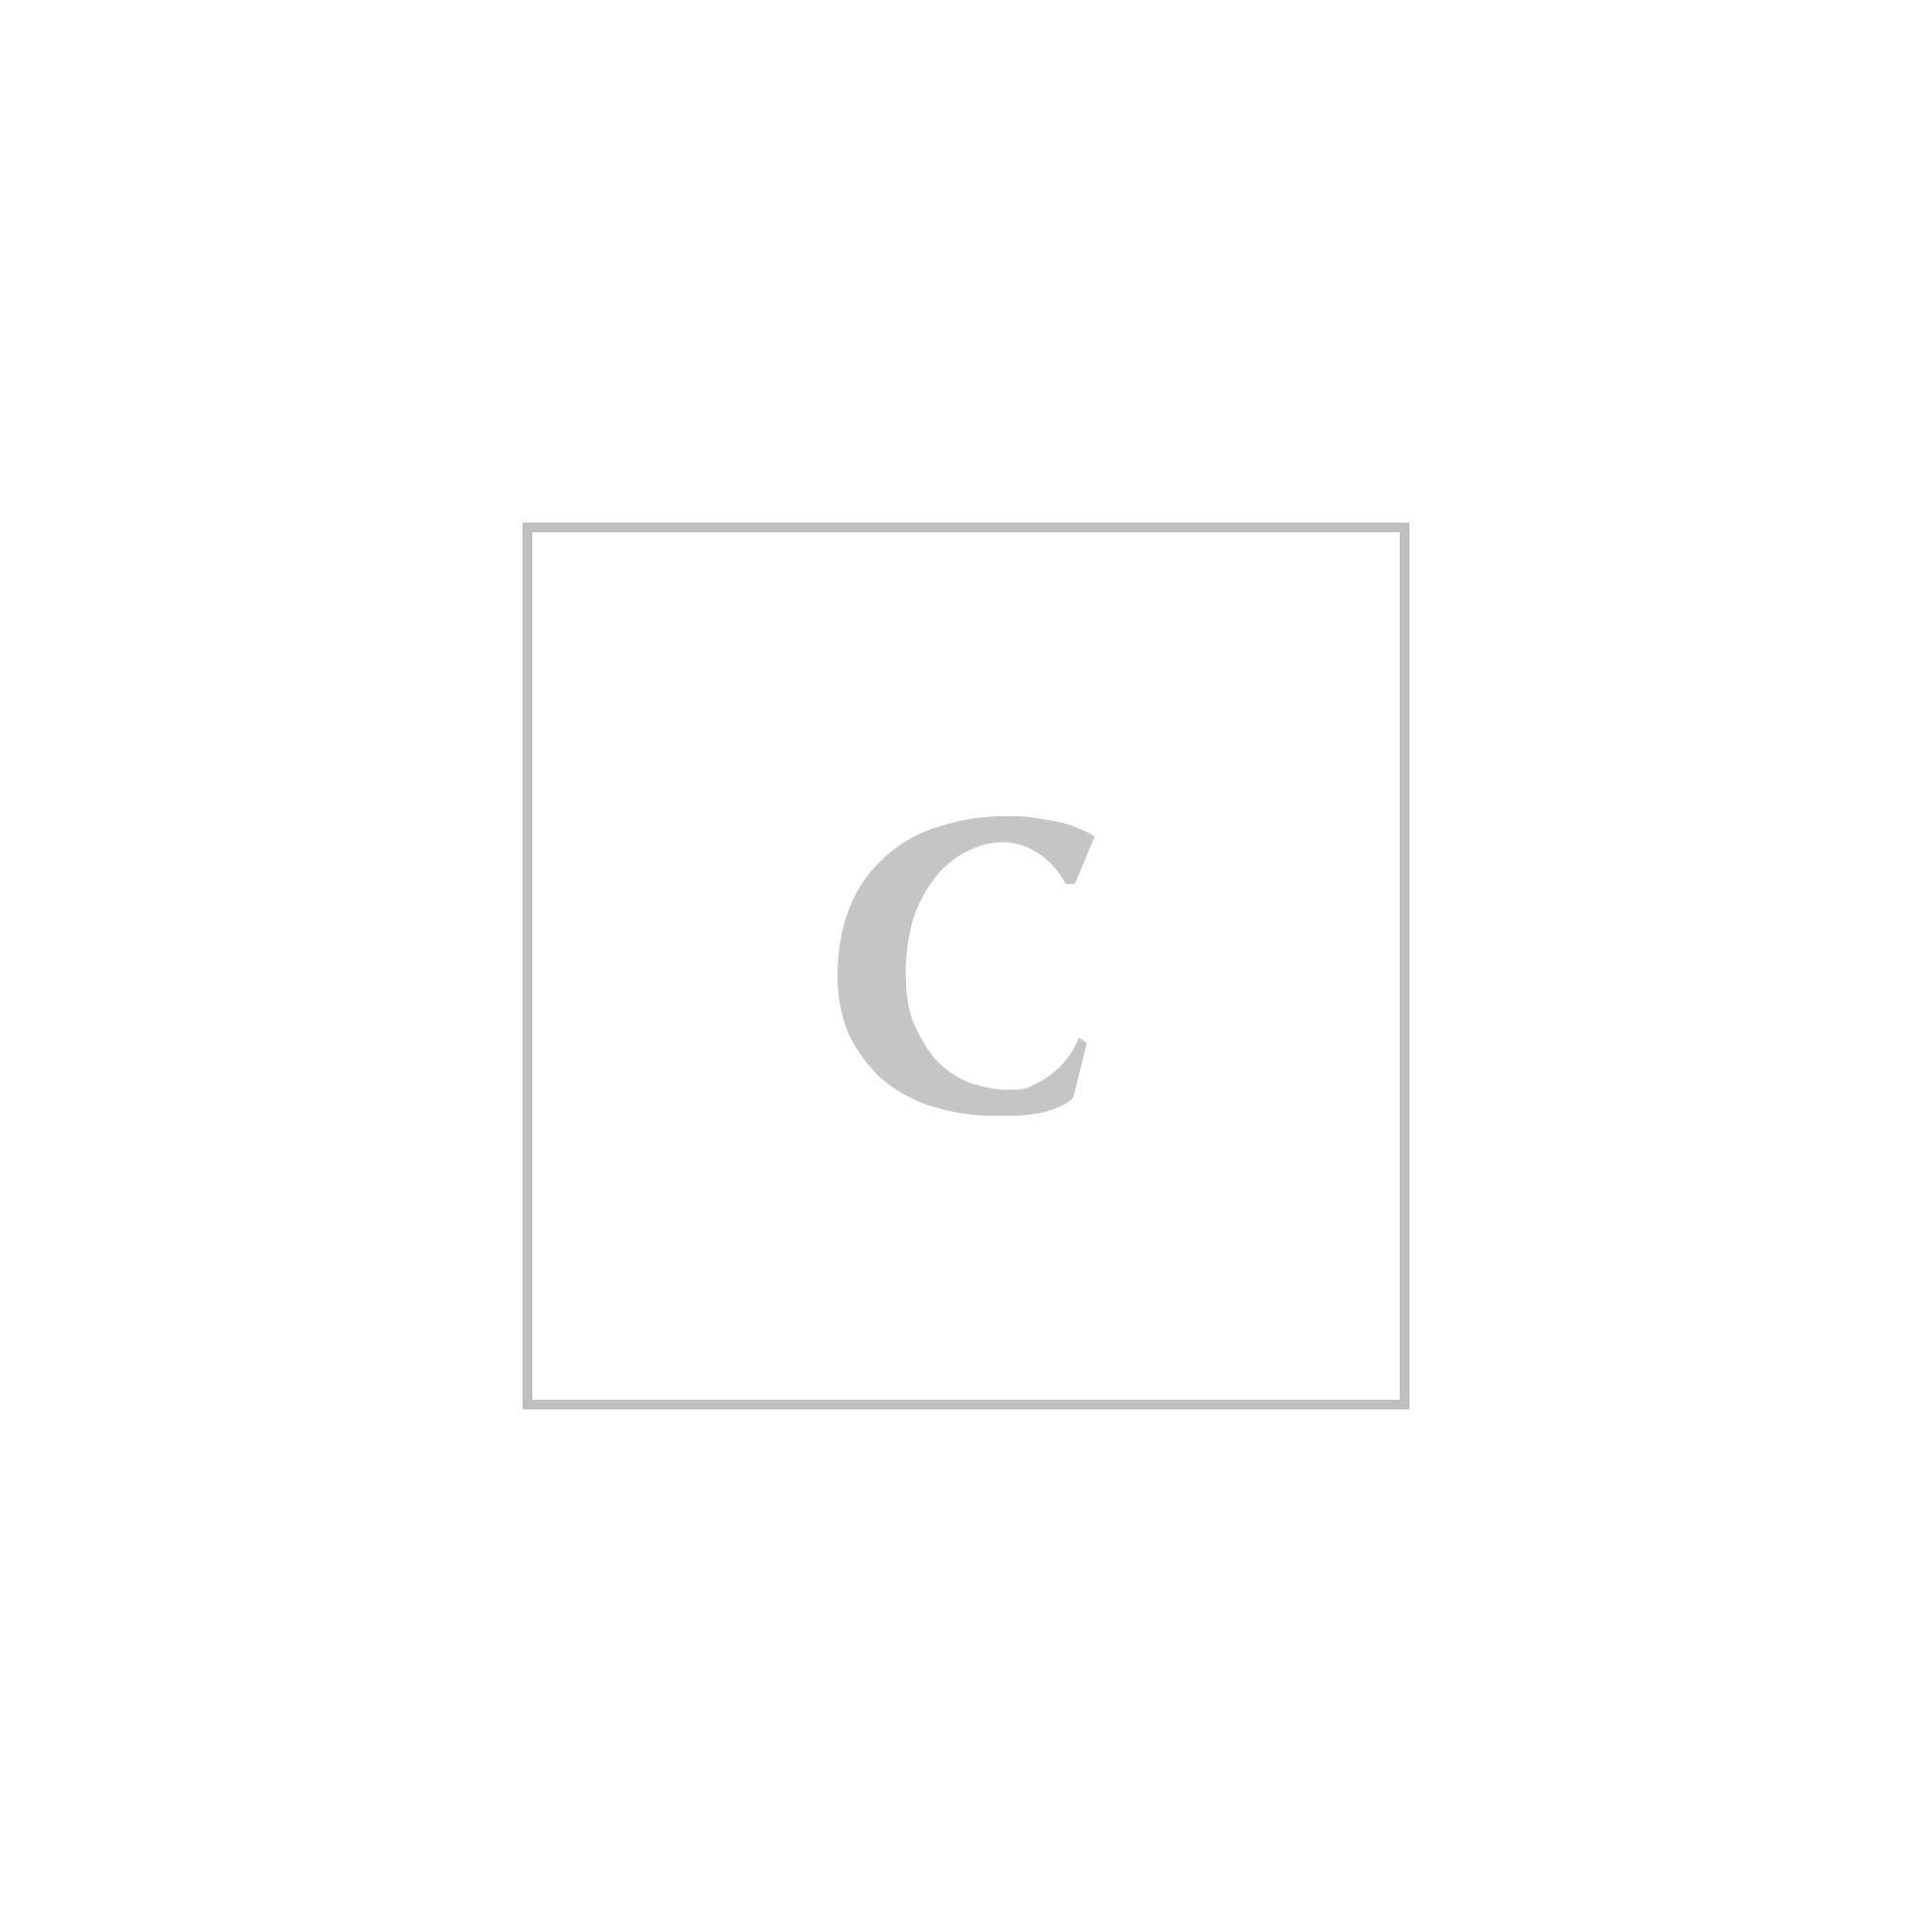 Burberry cappotto gibbsmoore